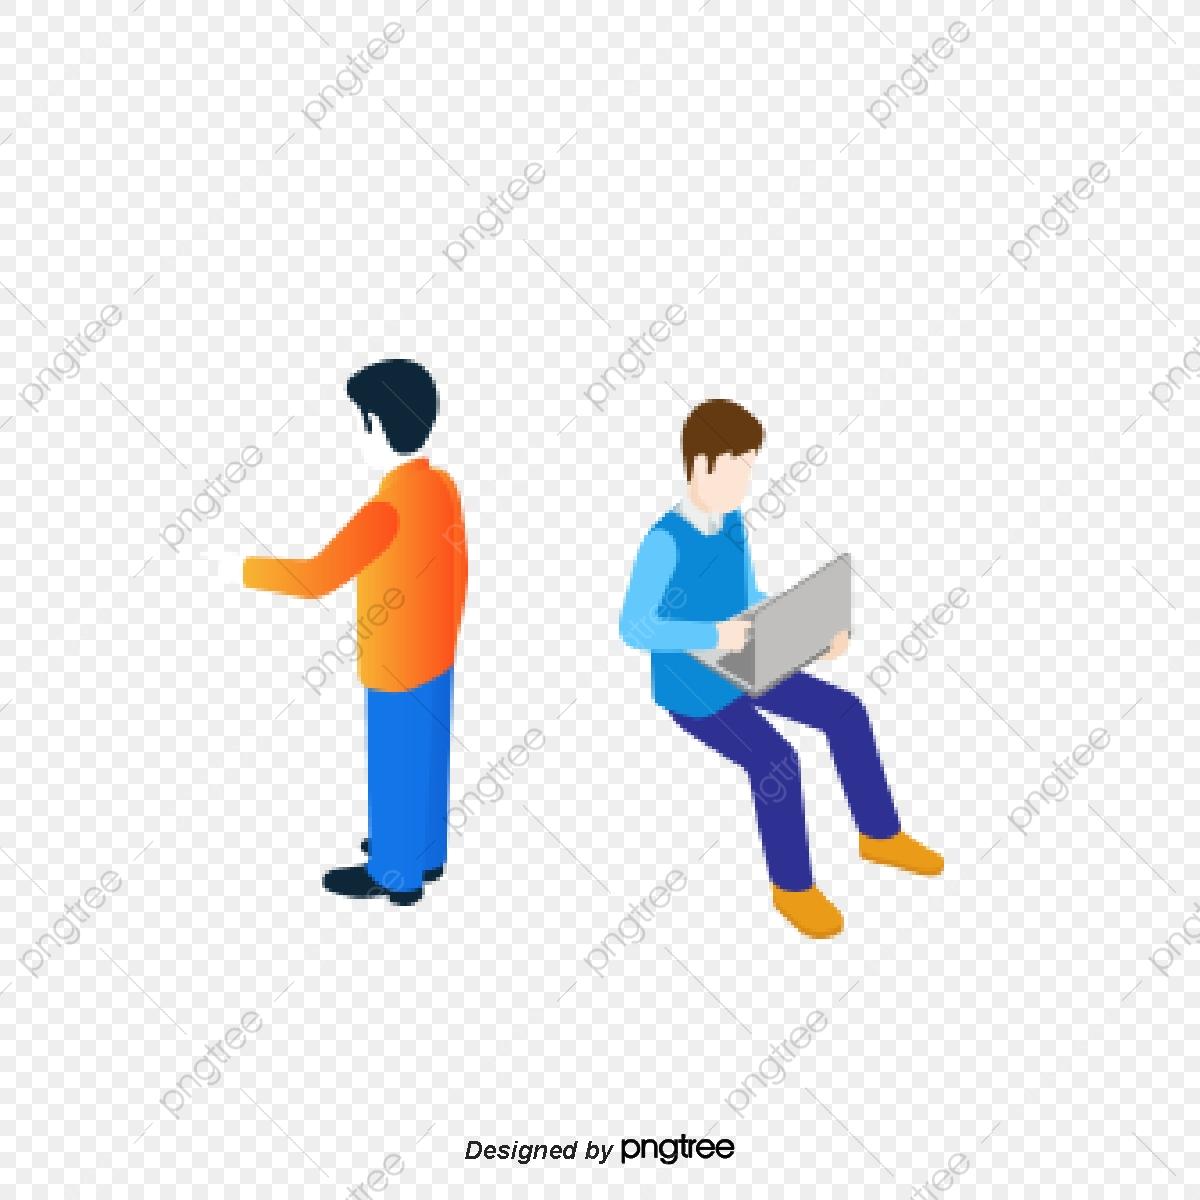 Gambar Orang Orang Perniagaan Dua Orang Di Kantor Tempat Kejadian Tokoh Perniagaan Pemandangan Pejabat Dua Orang Png Dan Vektor Untuk Muat Turun Percuma